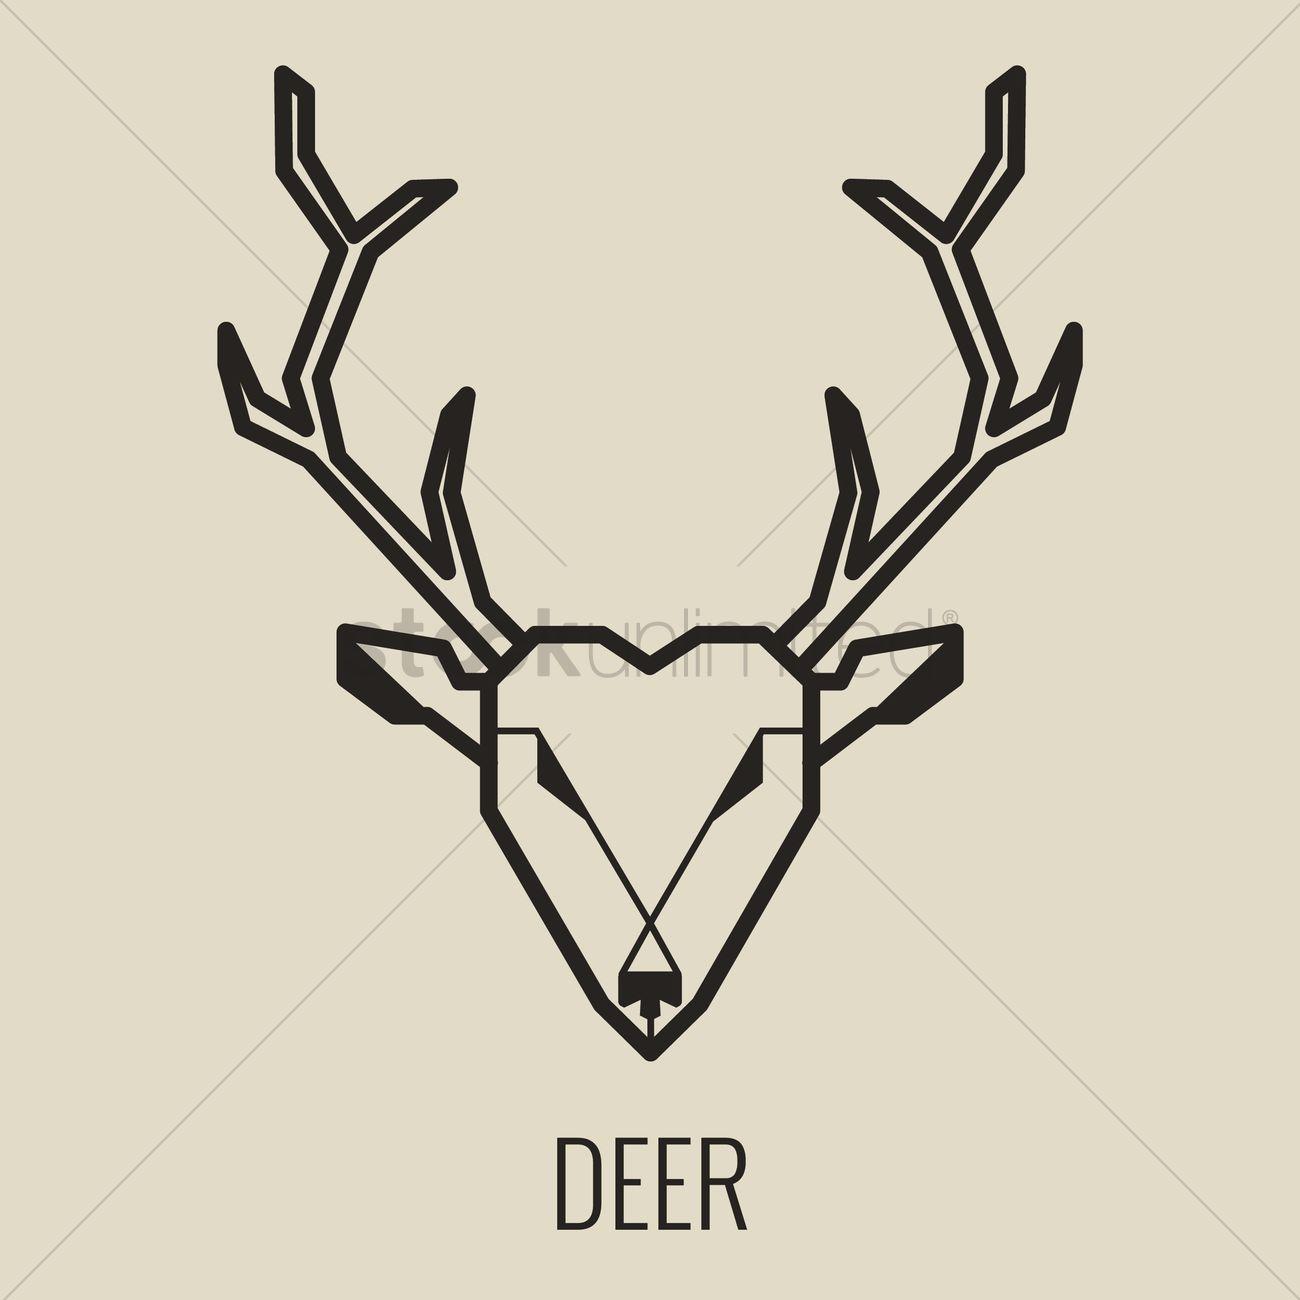 1300x1300 Deer Vector Image